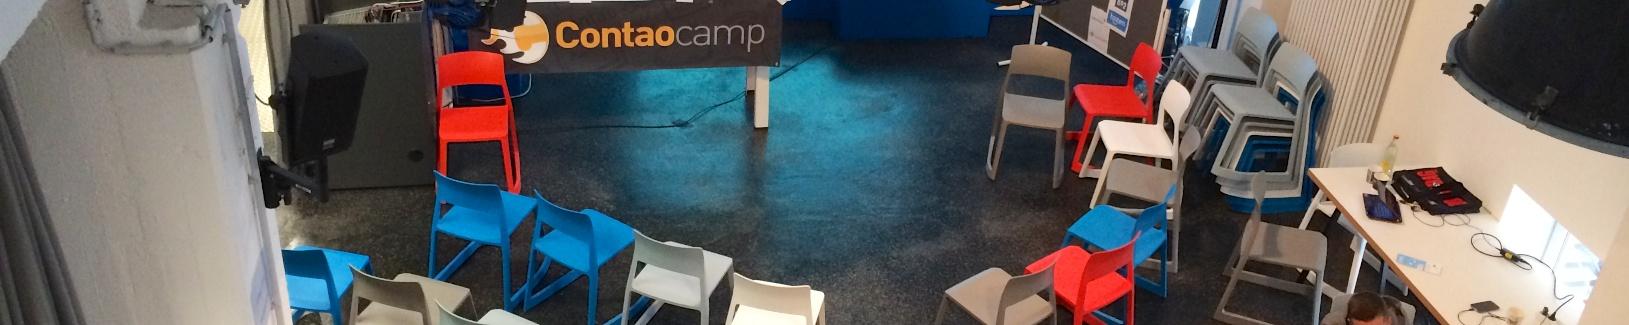 Contao Camp: Update in Sachen Webentwicklung